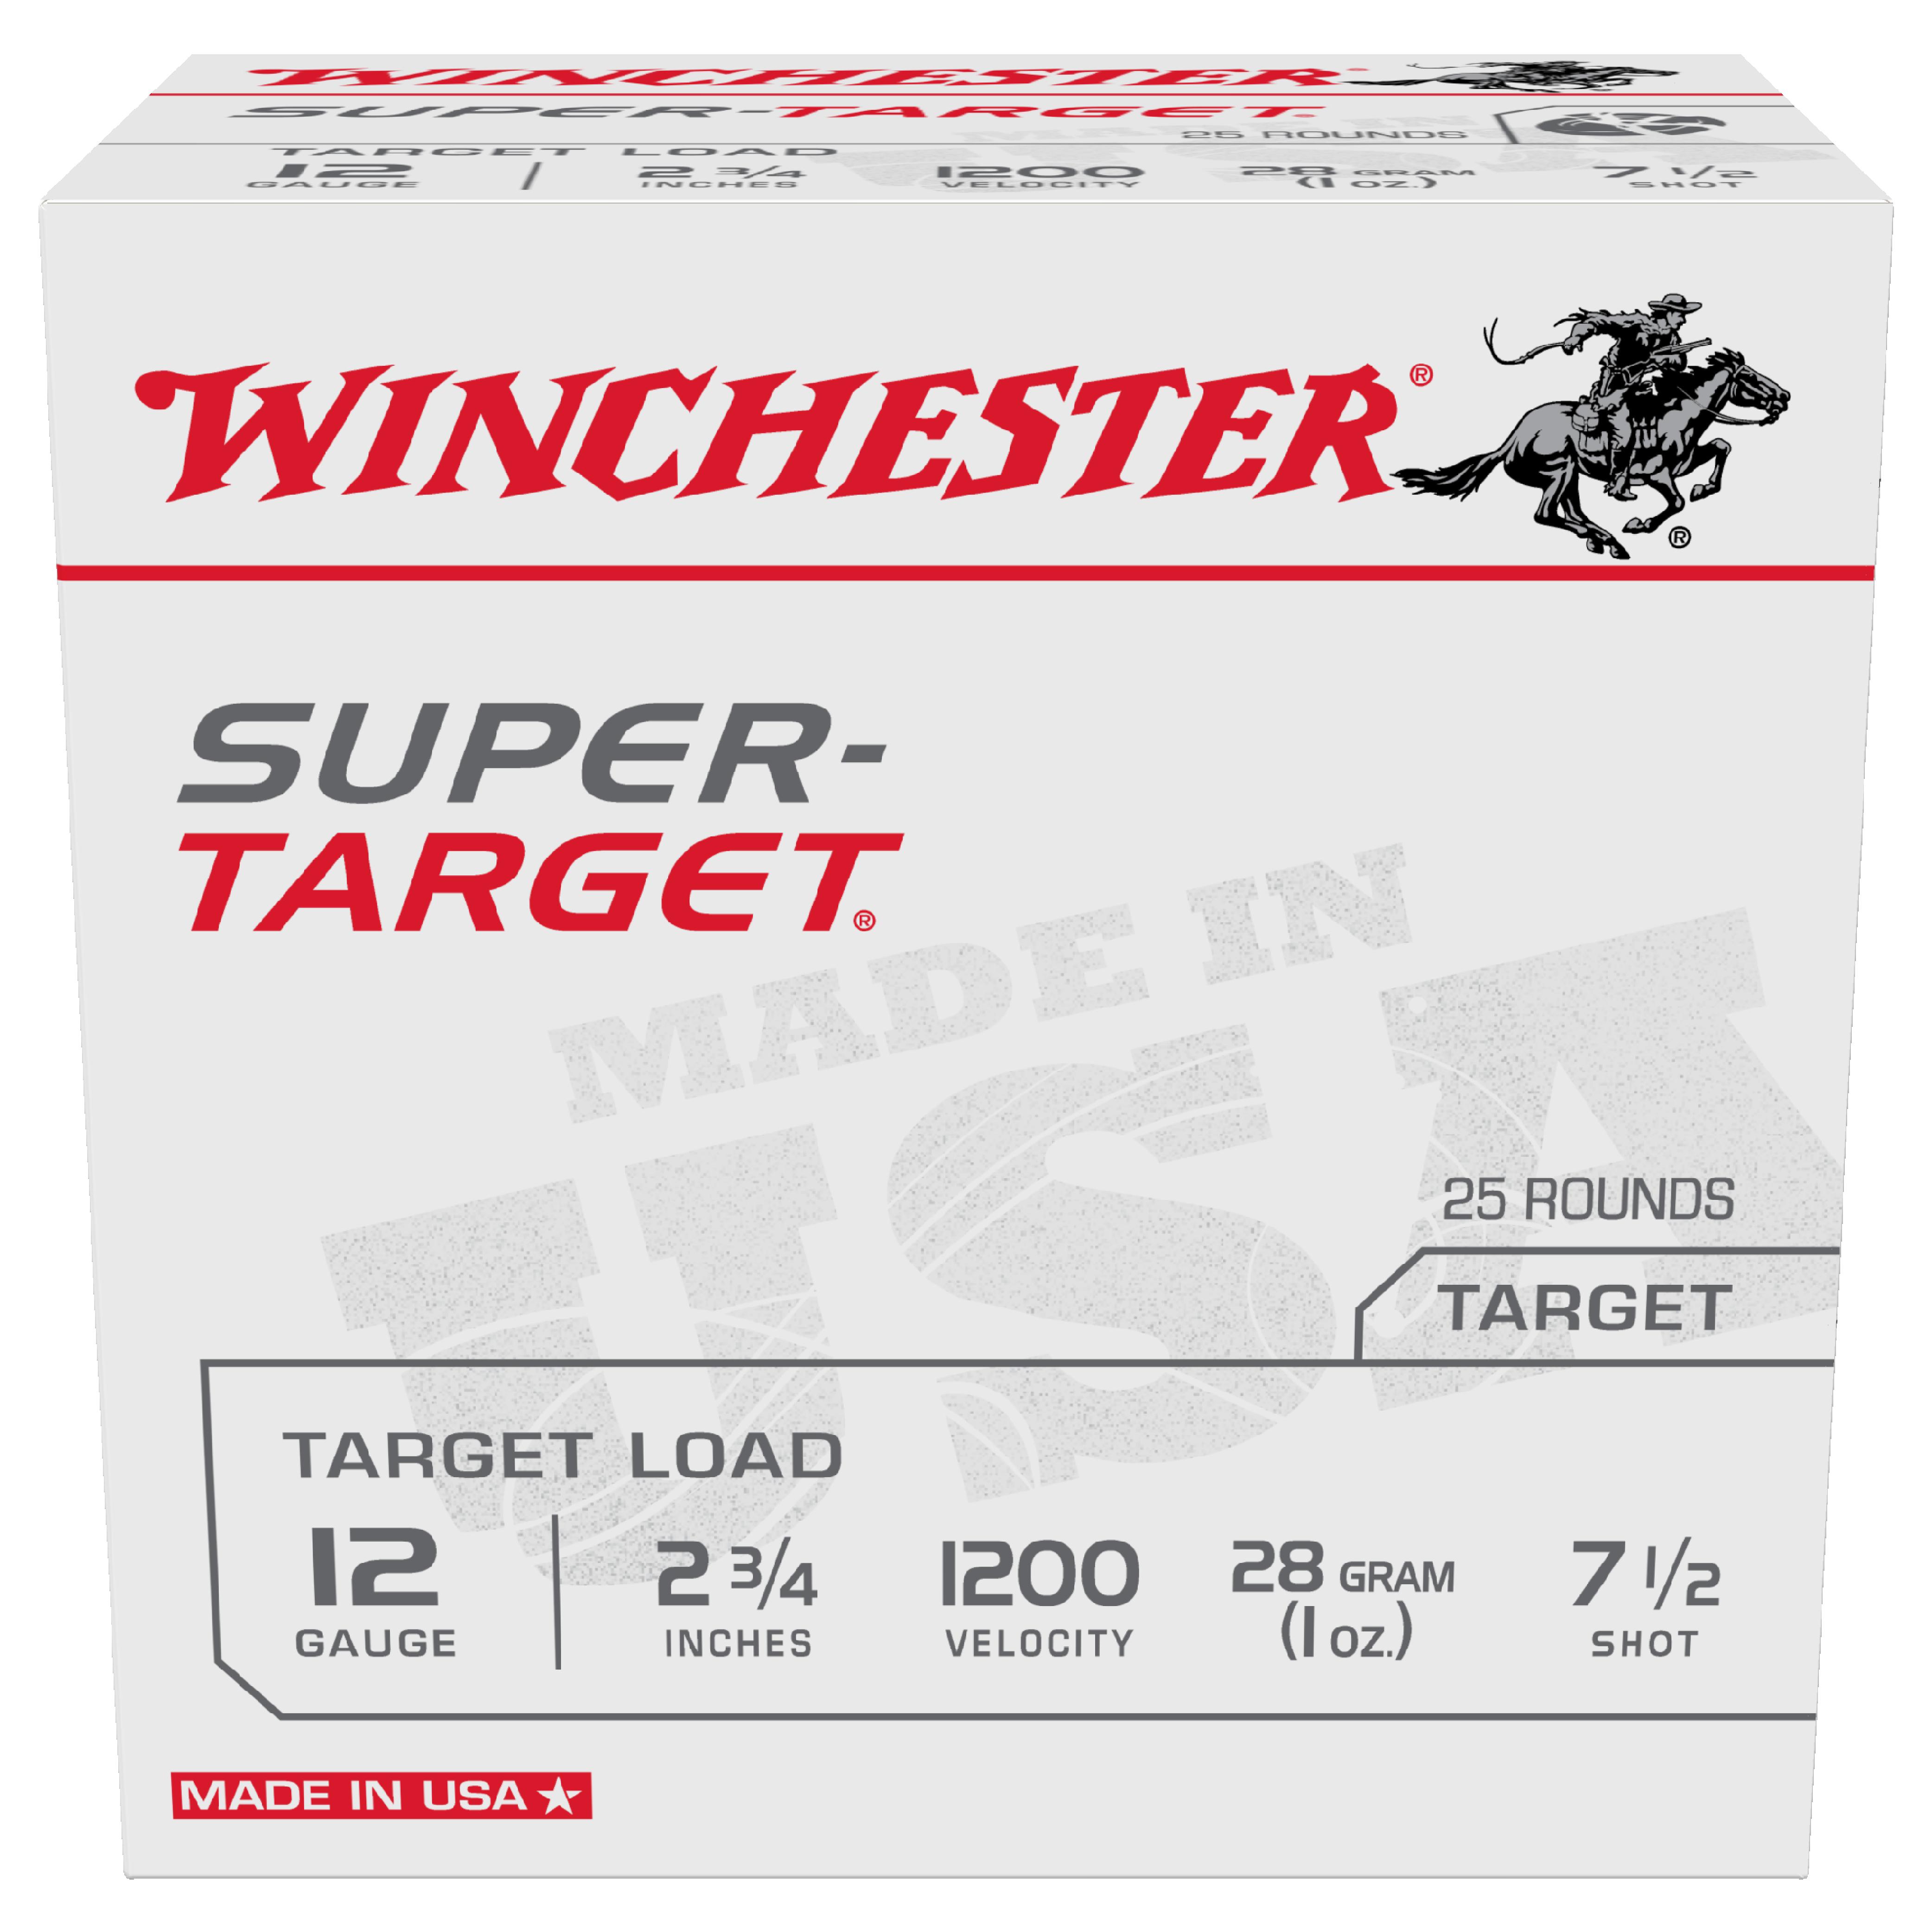 Winchester Super Target 12ga 1200fps 7.5 2-3/4